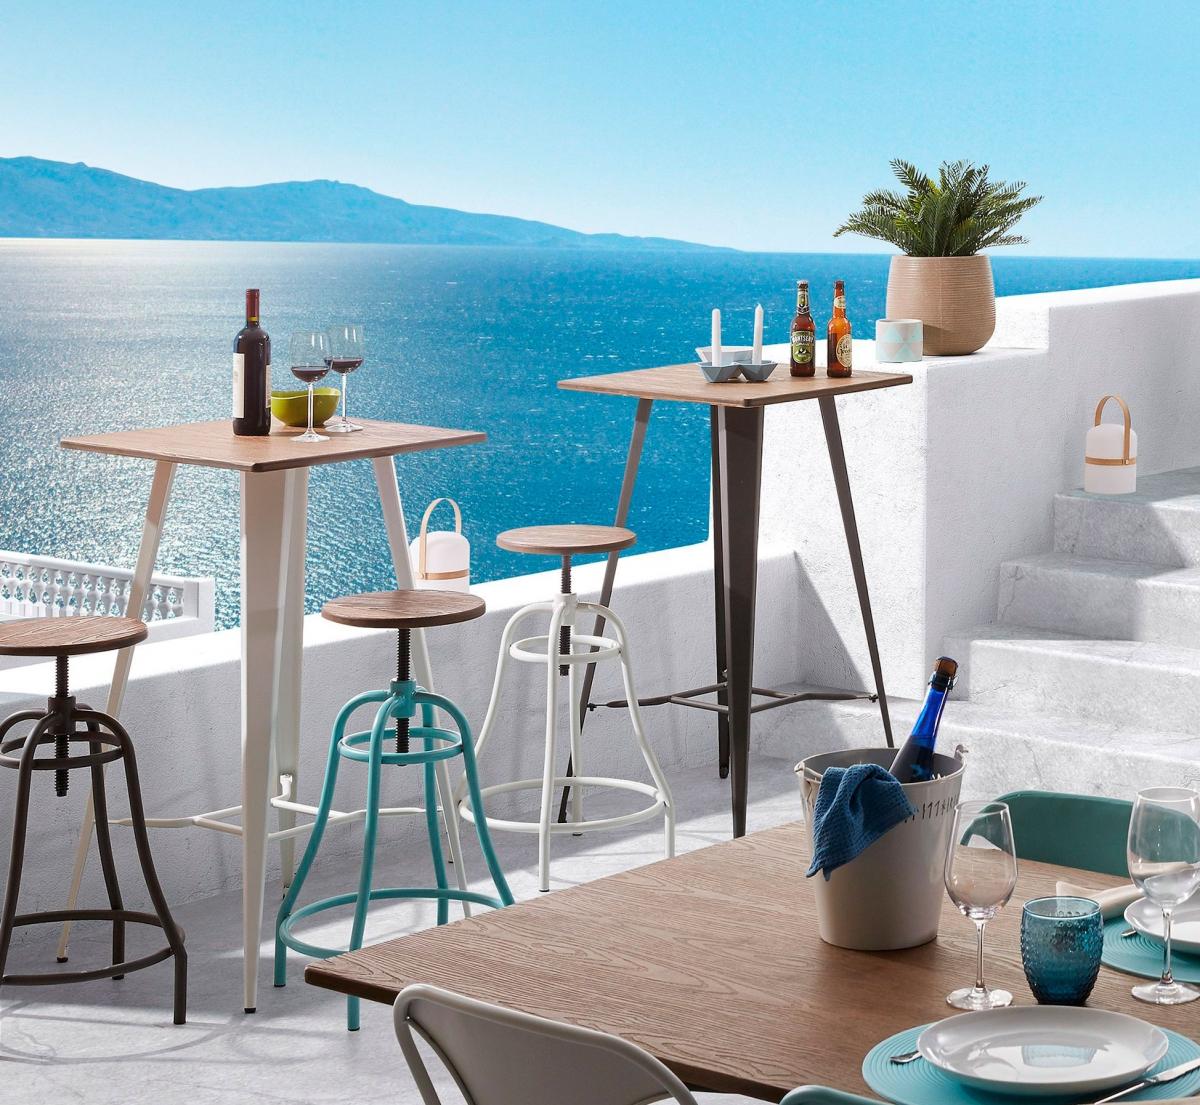 Обустройство террасы ресторана в средиземноморском стиле